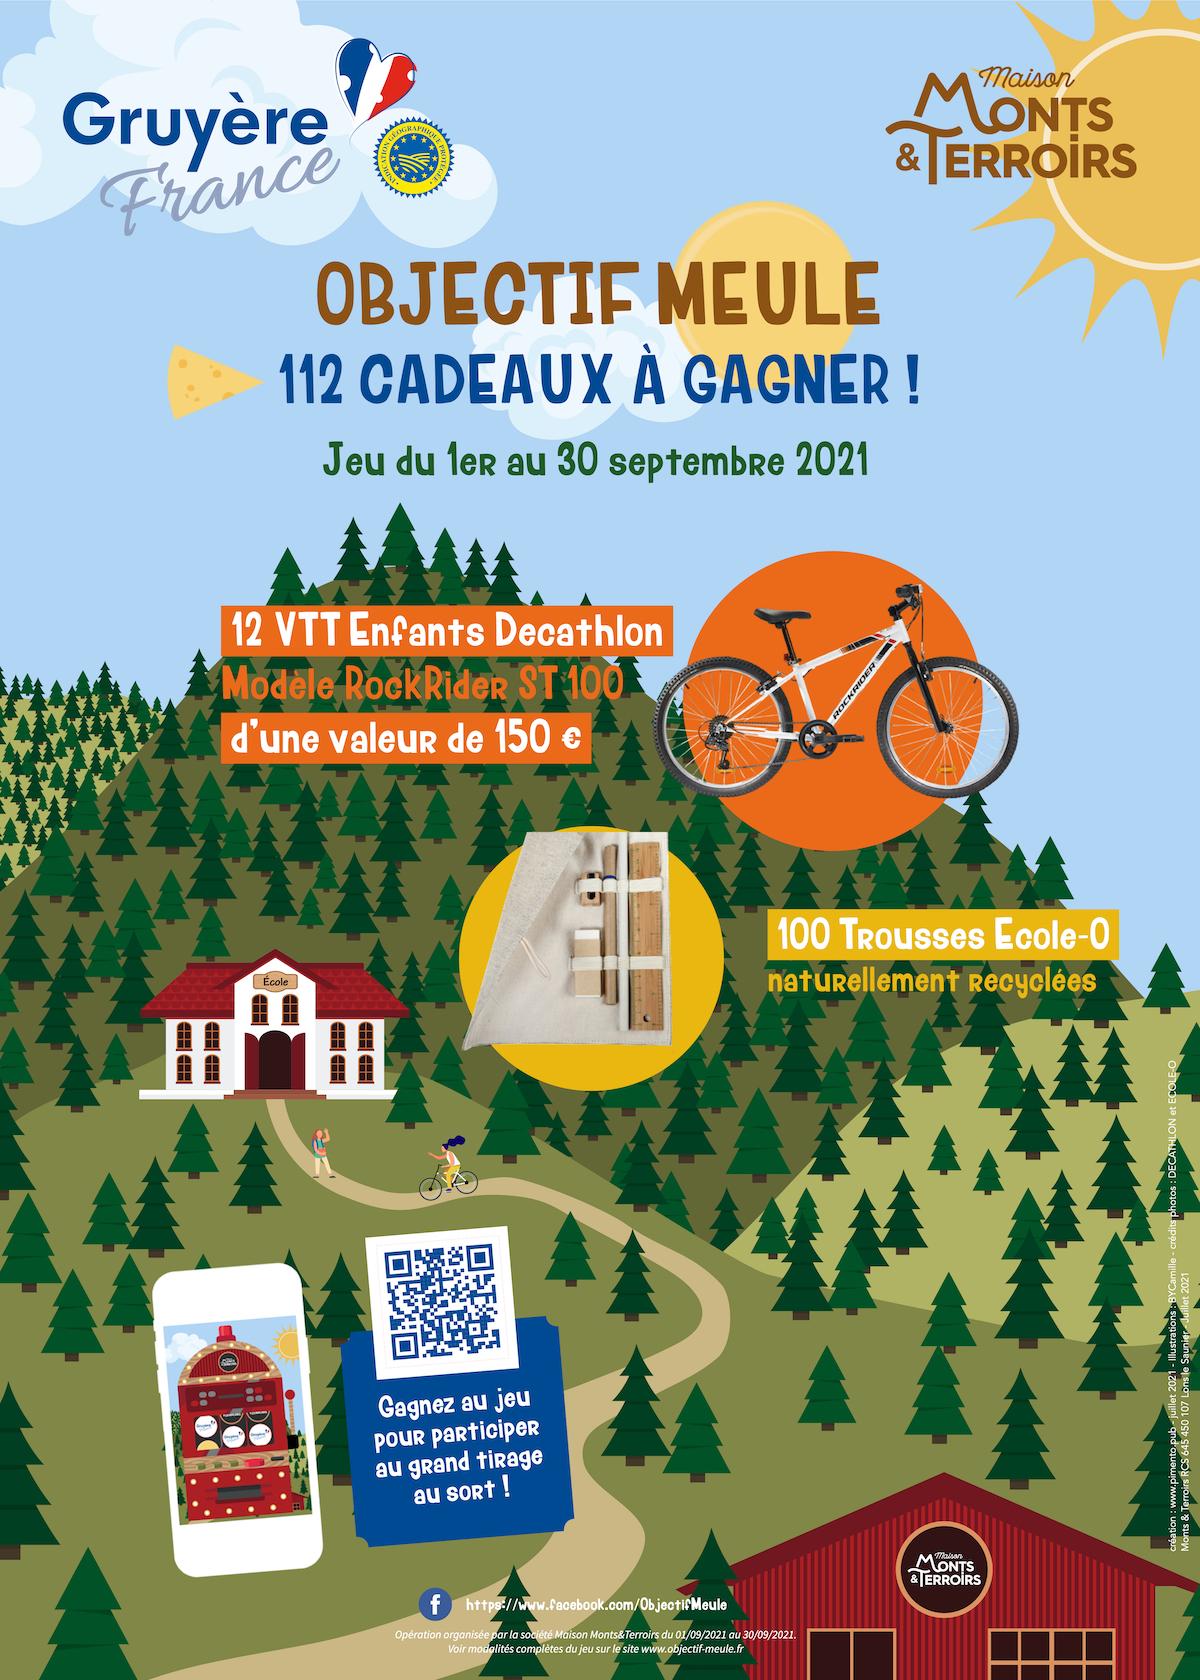 forum concours Affichette-Gruyere-France